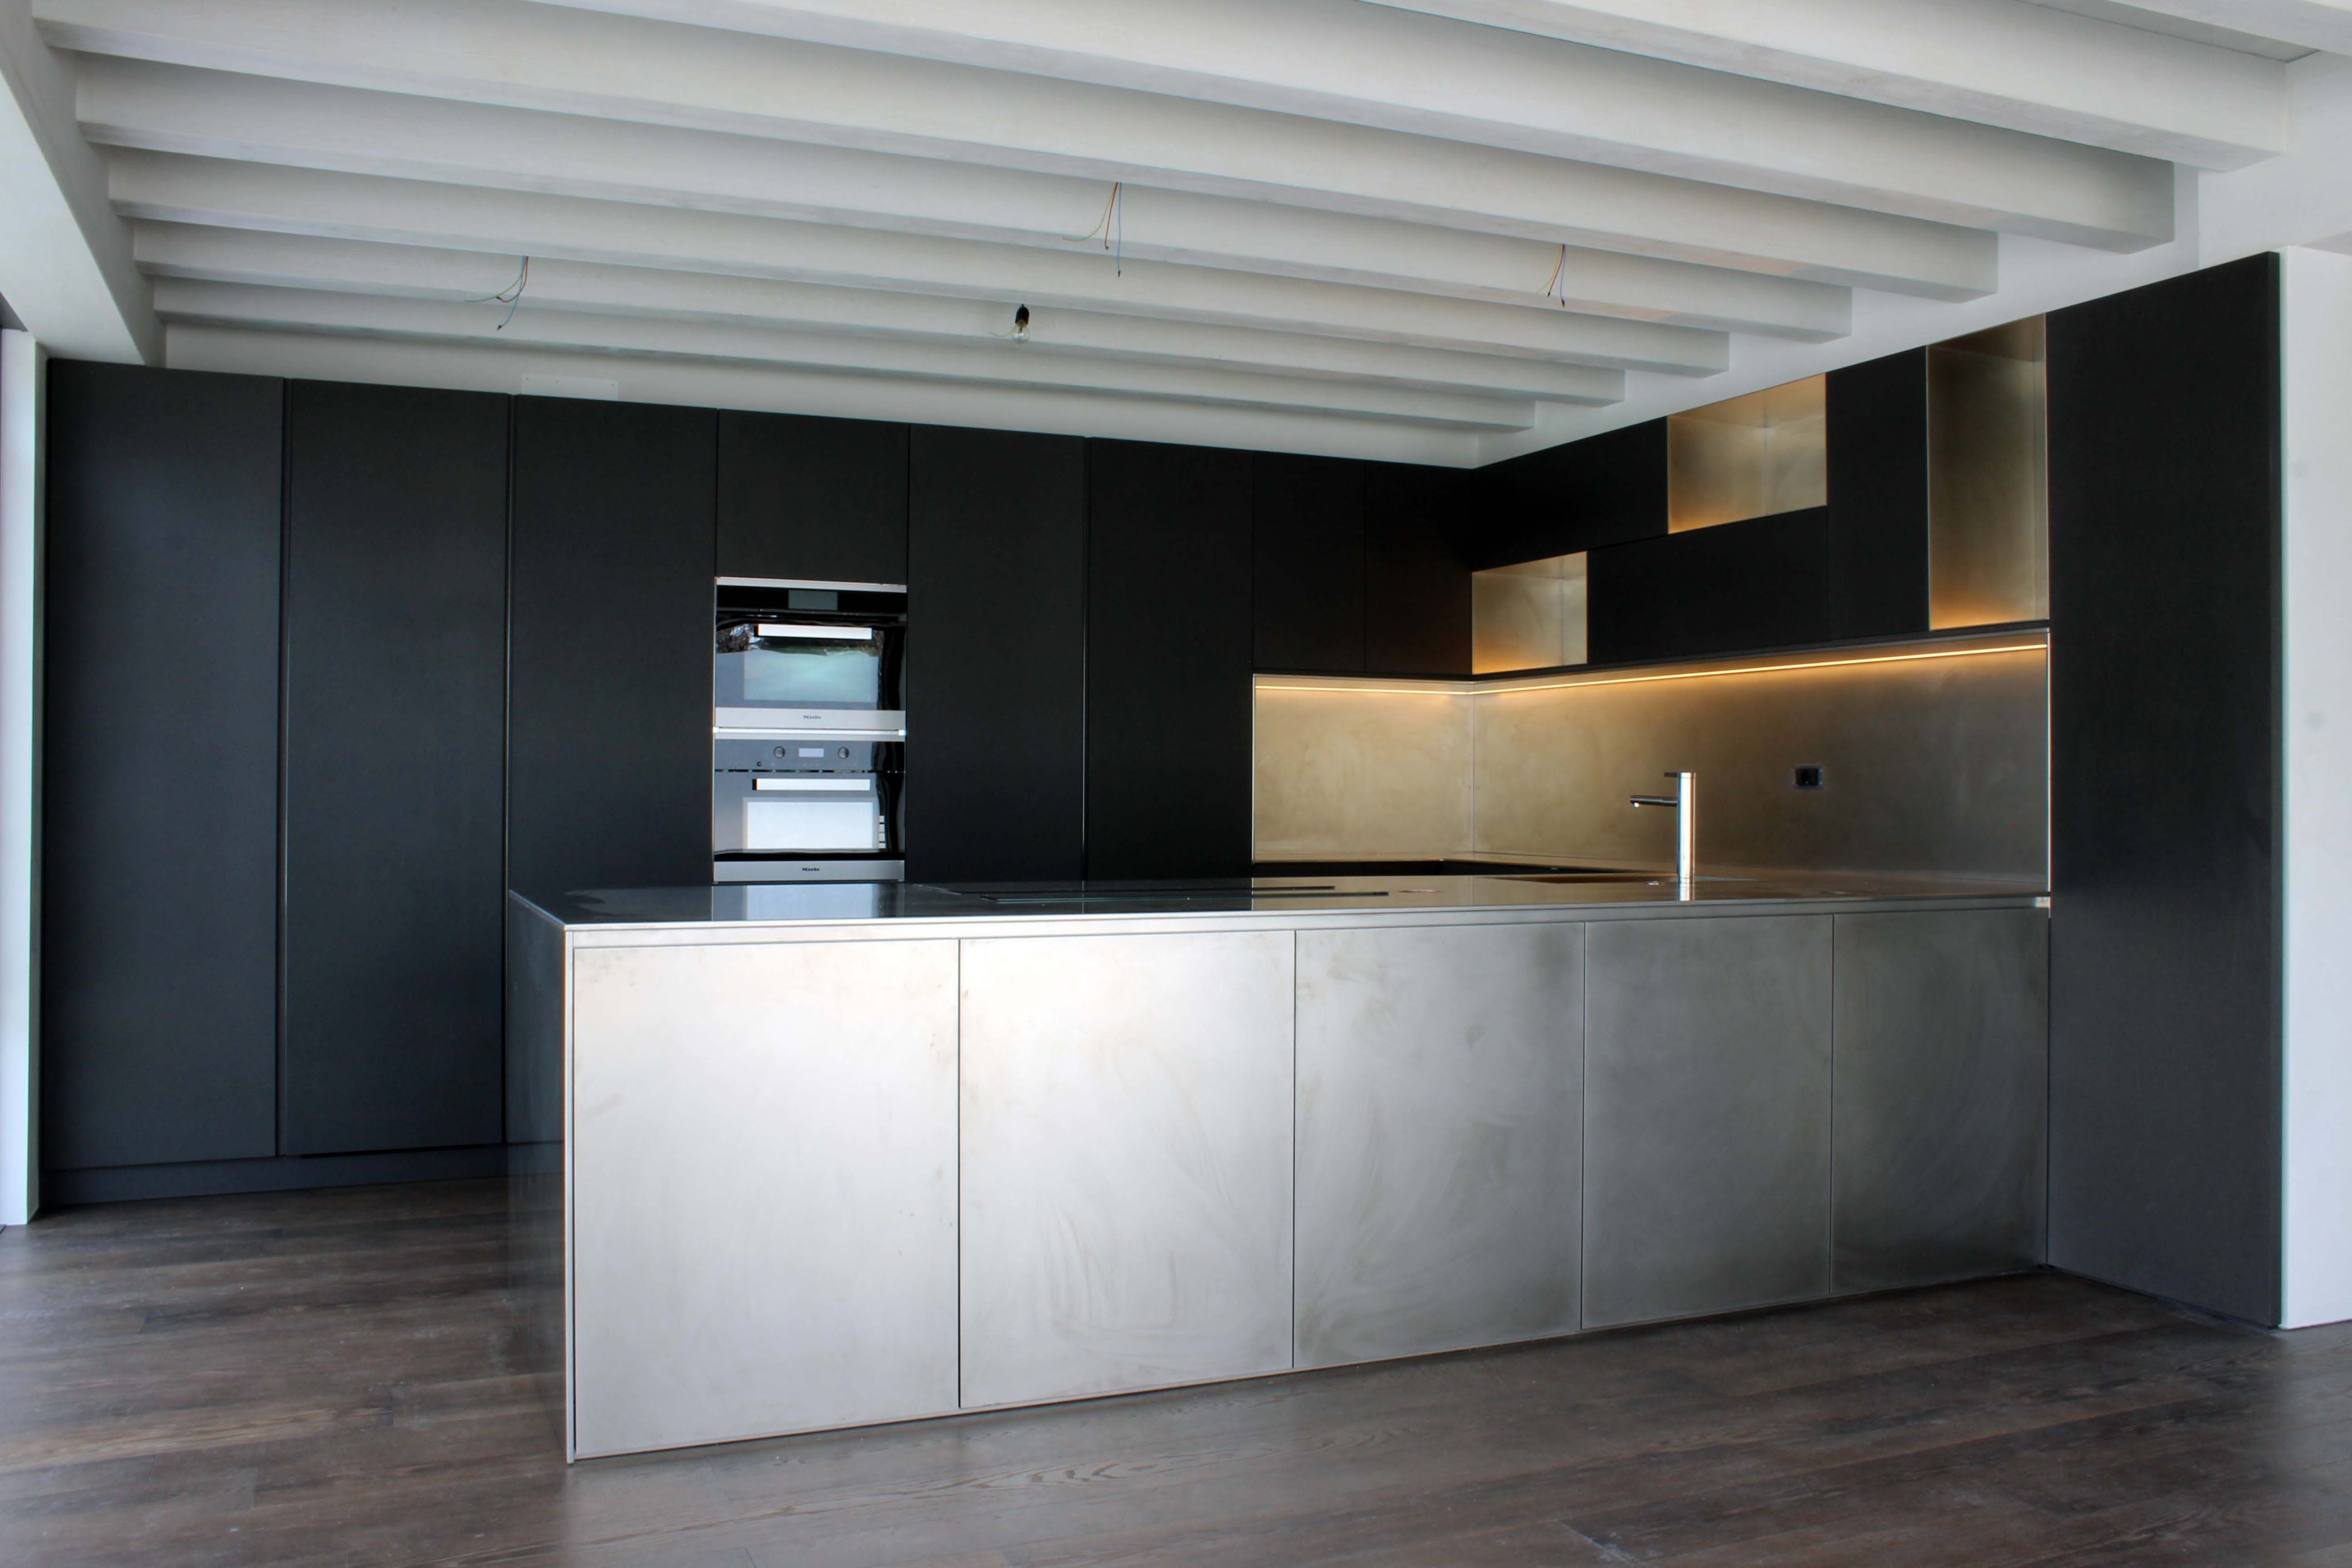 dimostrazione cucina su misura acciaio e valchromat design by luca ... - Induzione Cucina